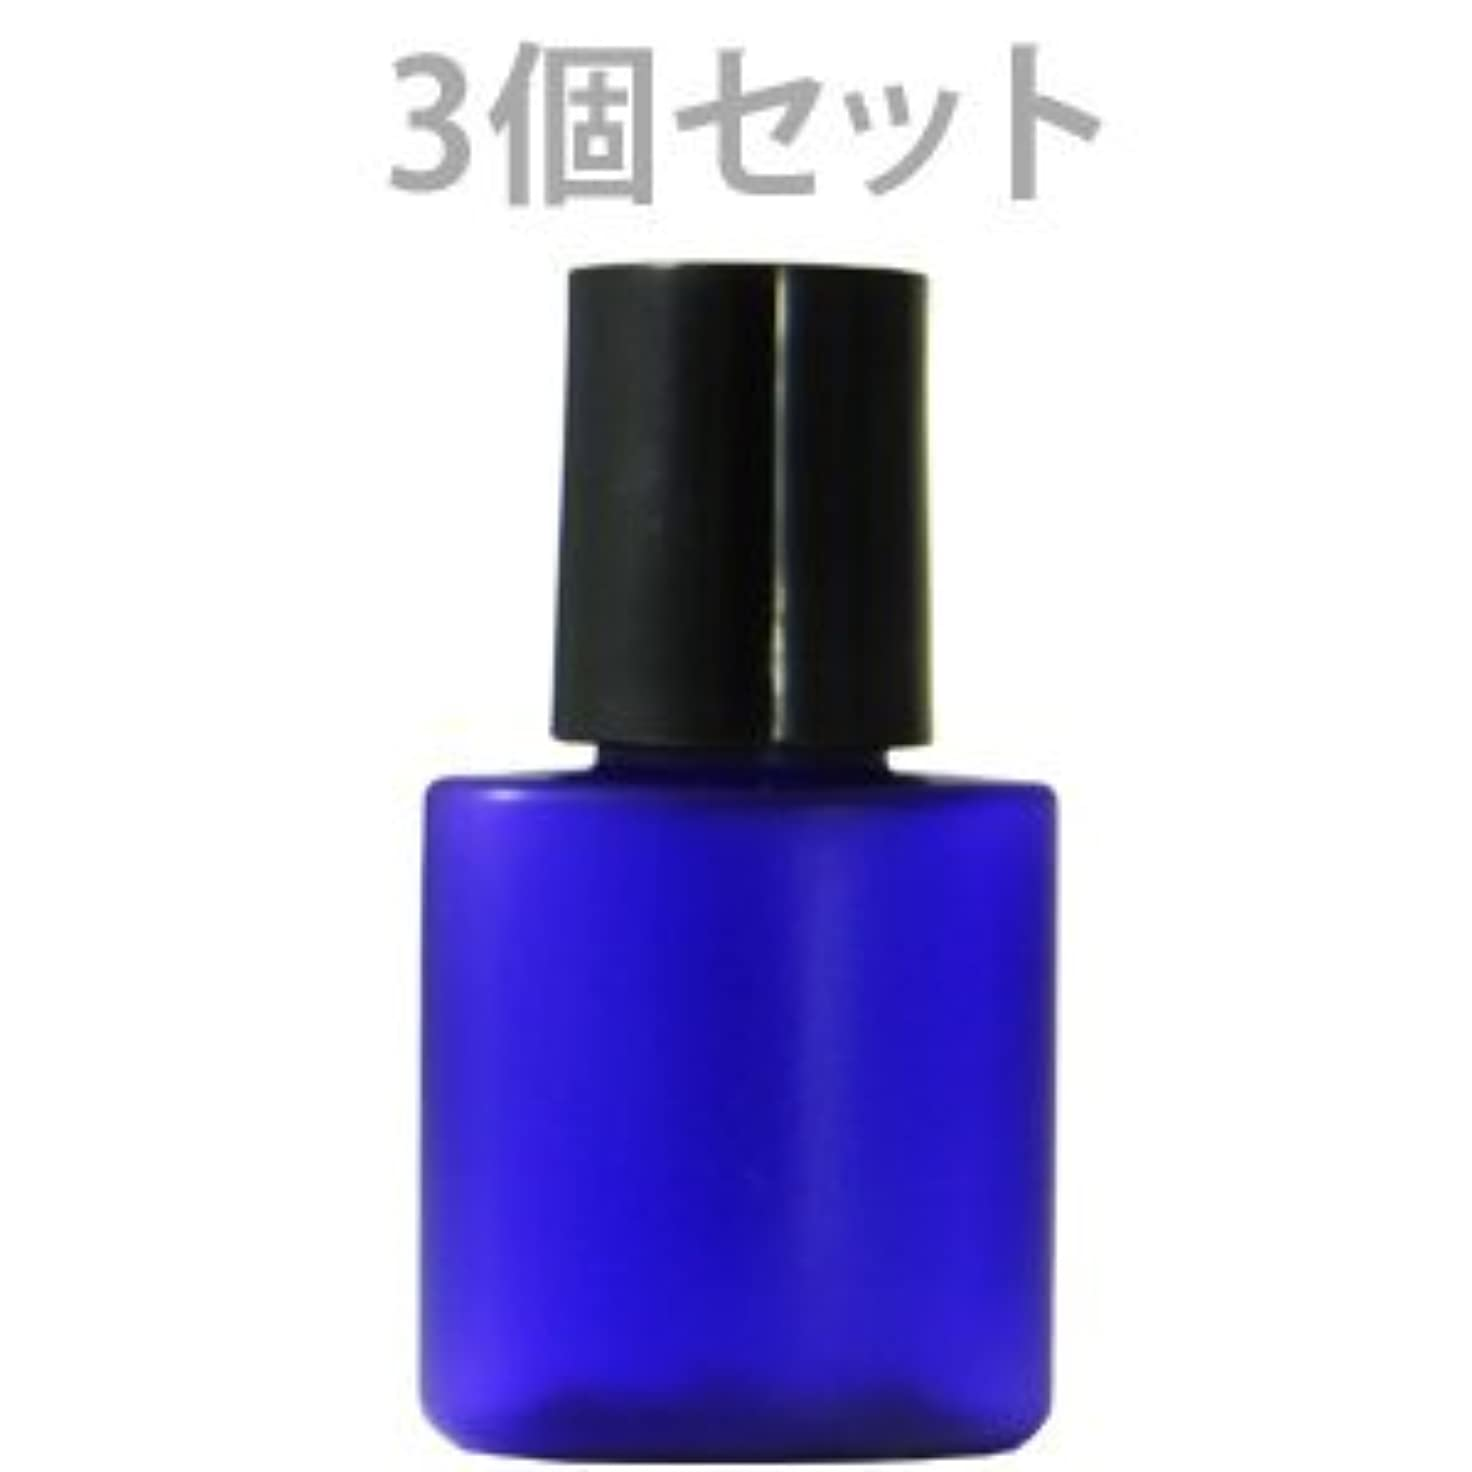 事実上ハードティッシュ遮光ミニプラボトル容器 10ml (青) (3個セット)